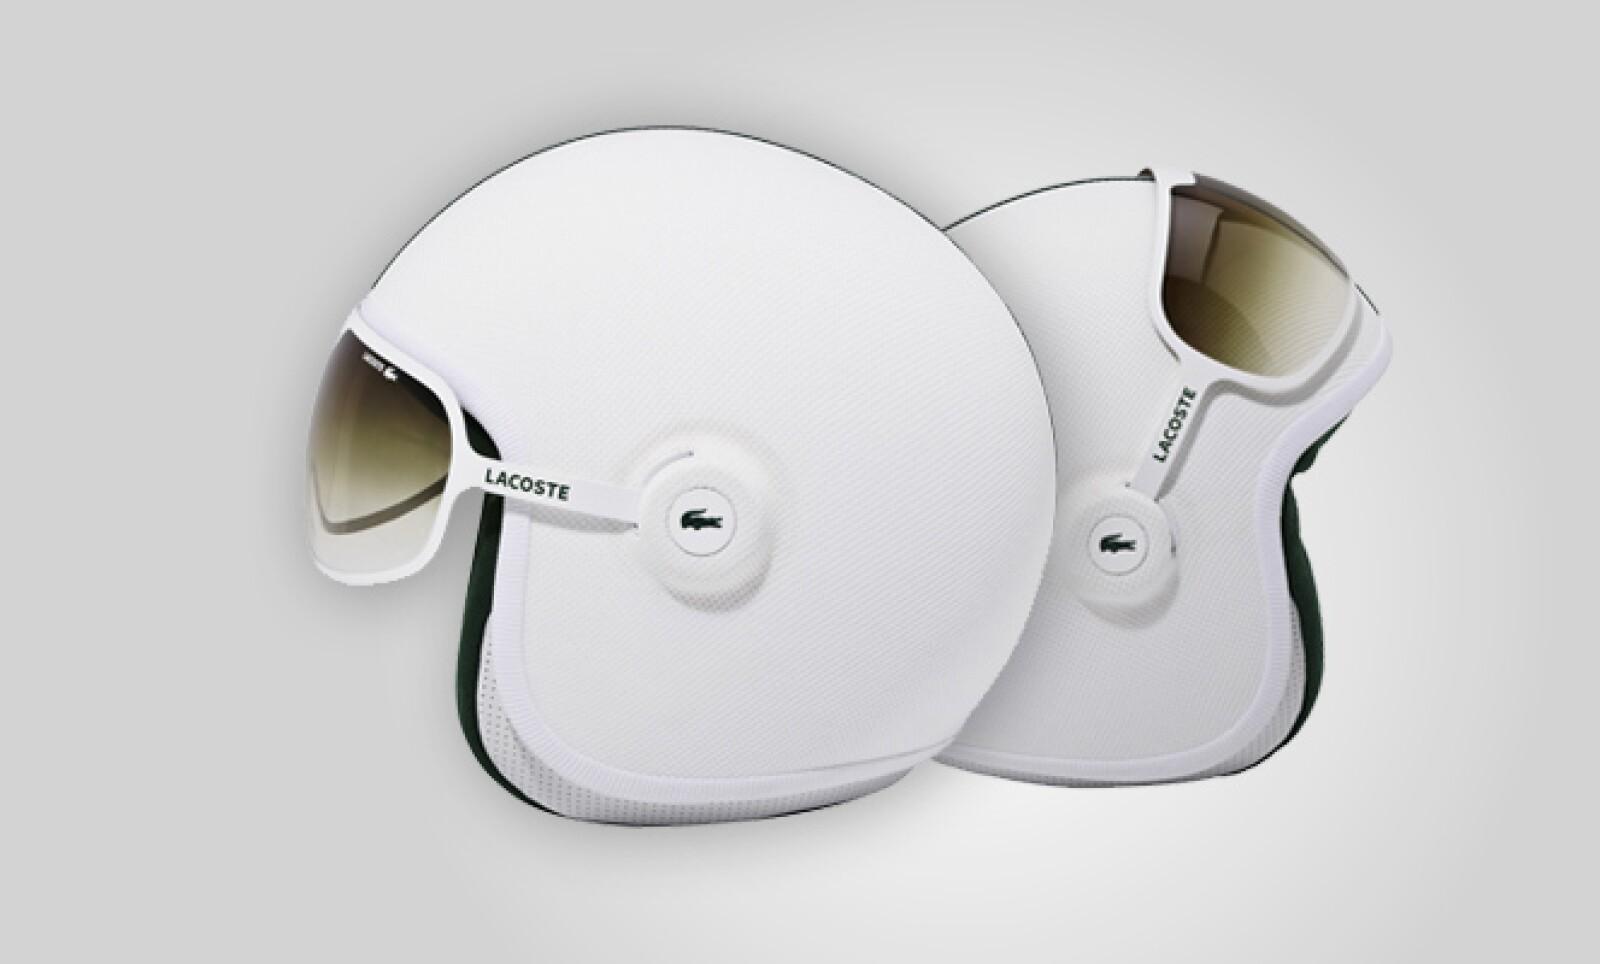 GPA Diseño ejecutó el casco de moto en carbono, disponible en tallas S, M, L y XL.